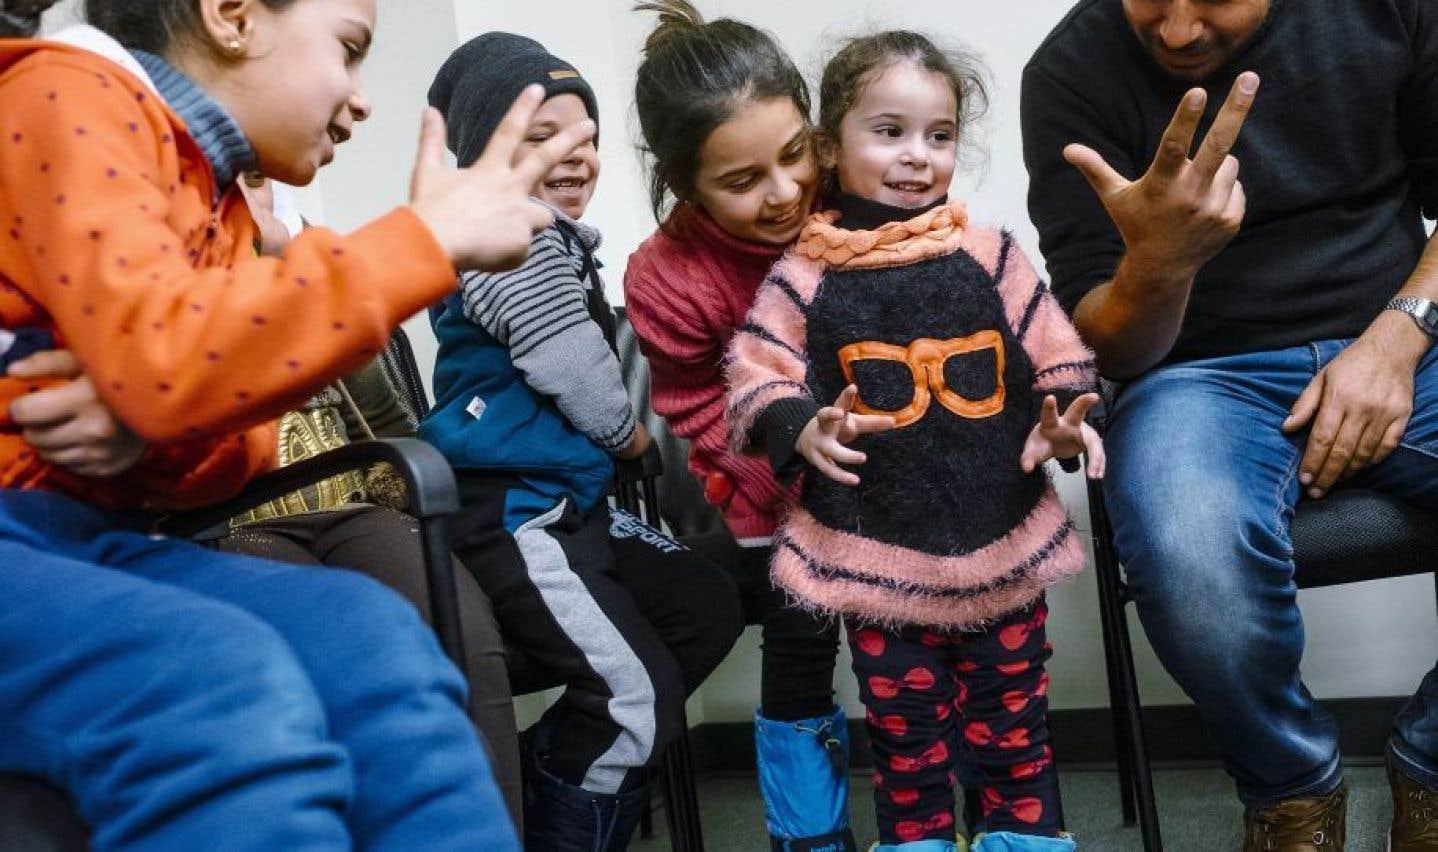 Réfugiés: les États-Unis envisagent de s'inspirer du Canada sur le parrainage